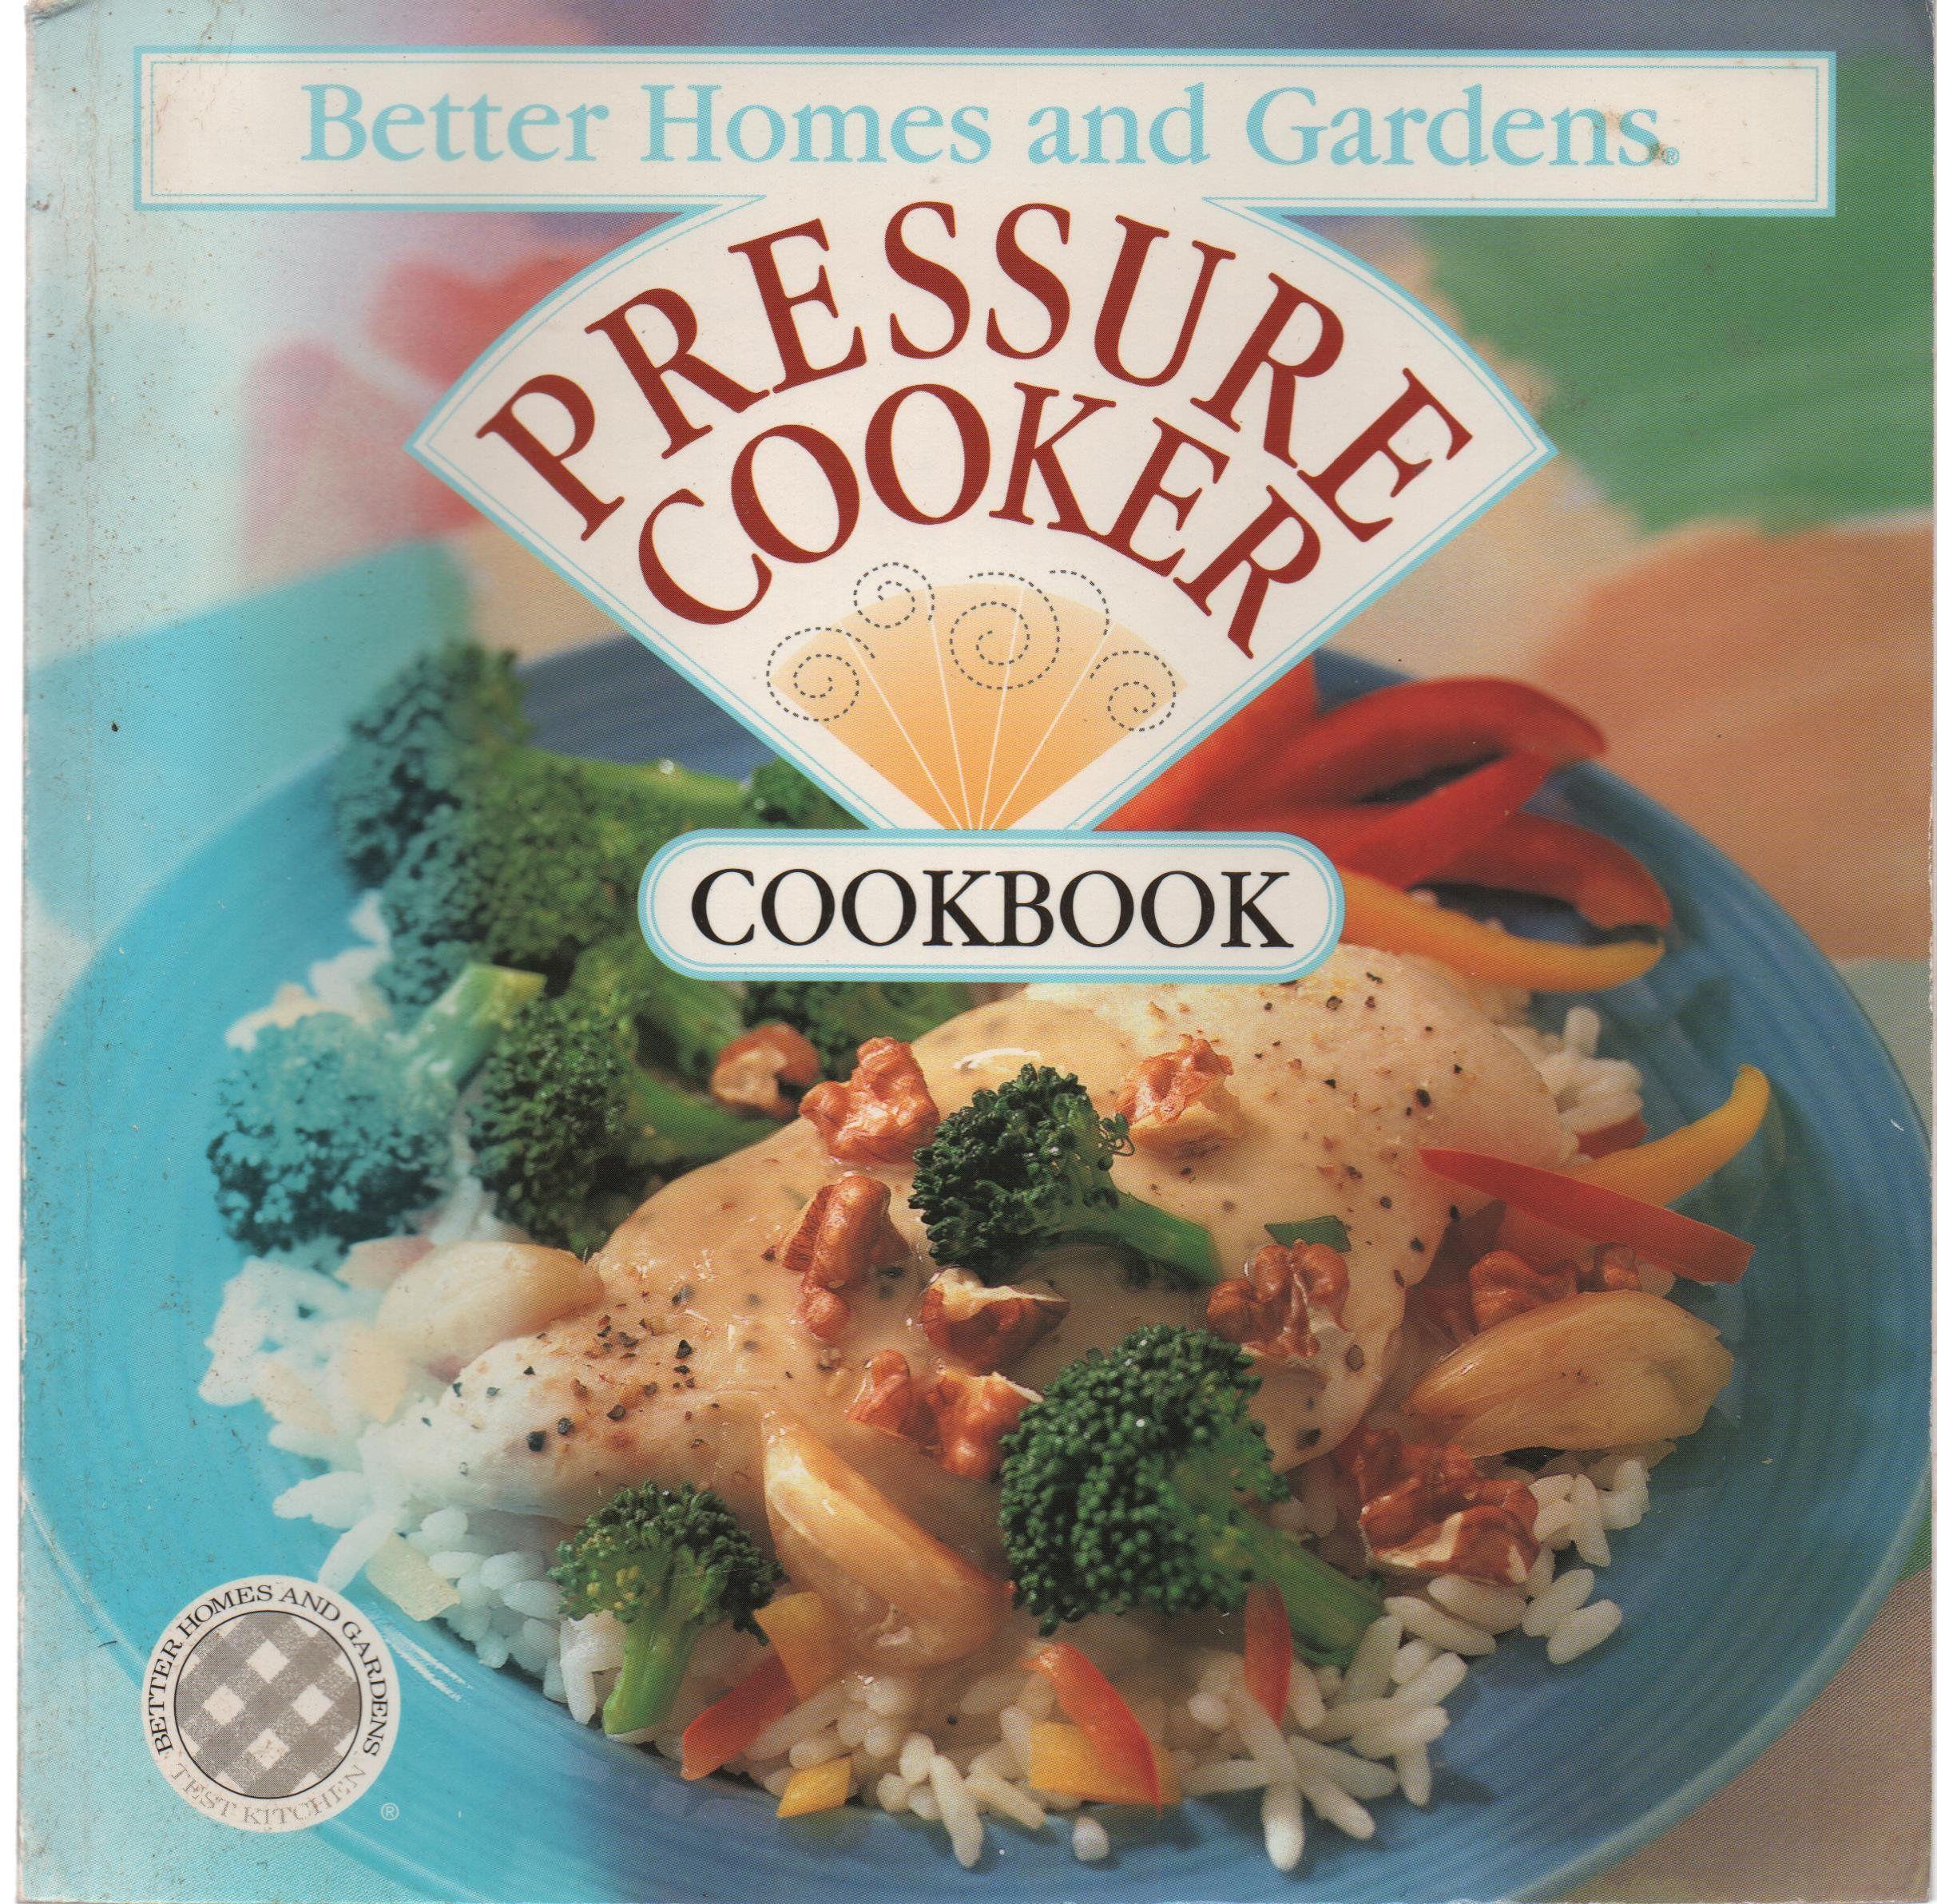 fd14131d956a1d0c8c9de52bd6345913 - Better Homes And Gardens Instant Pot Cookbook